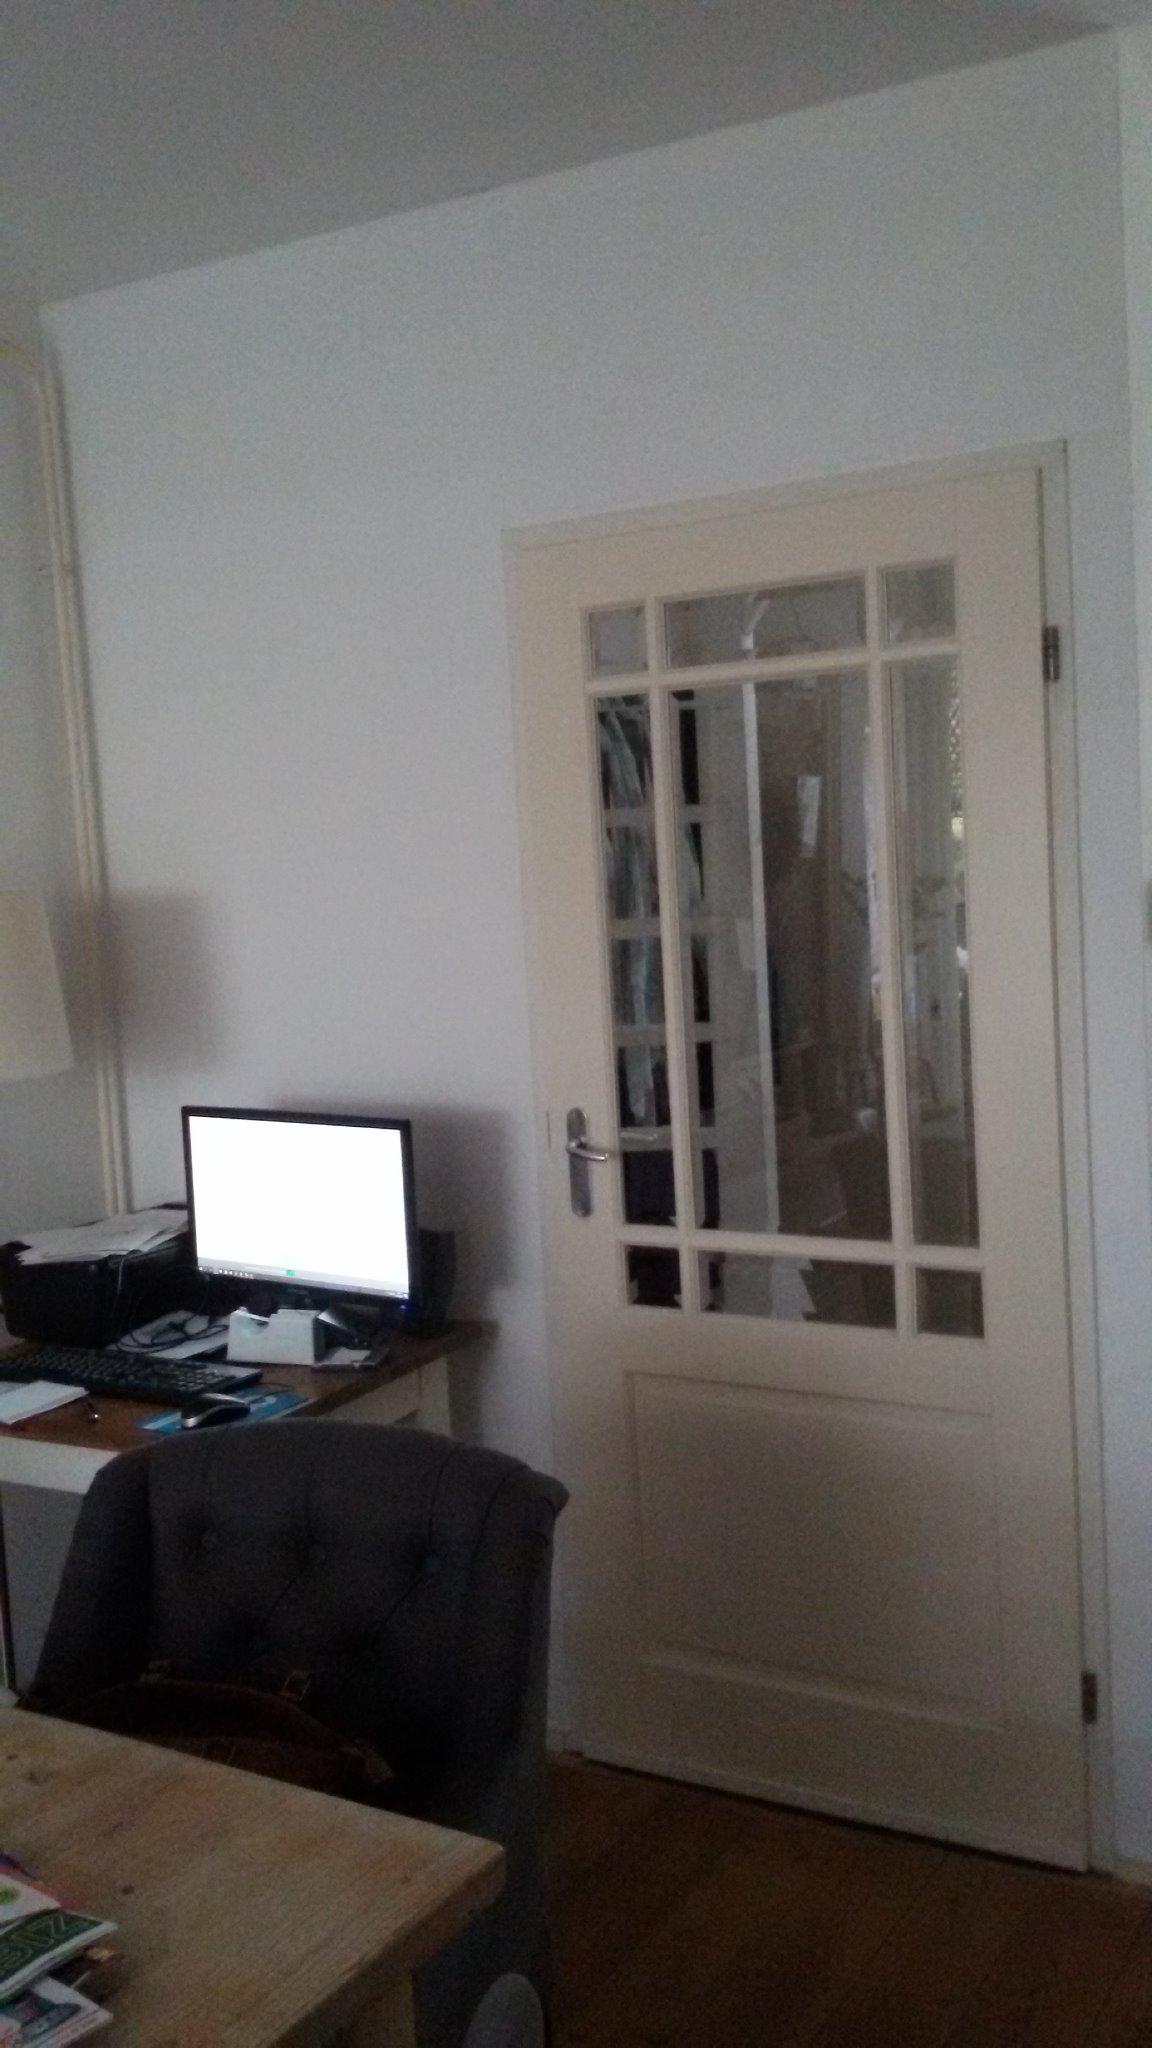 Schuifdeur plaatsen woonkamer ipv draaiende deur  Werkspot